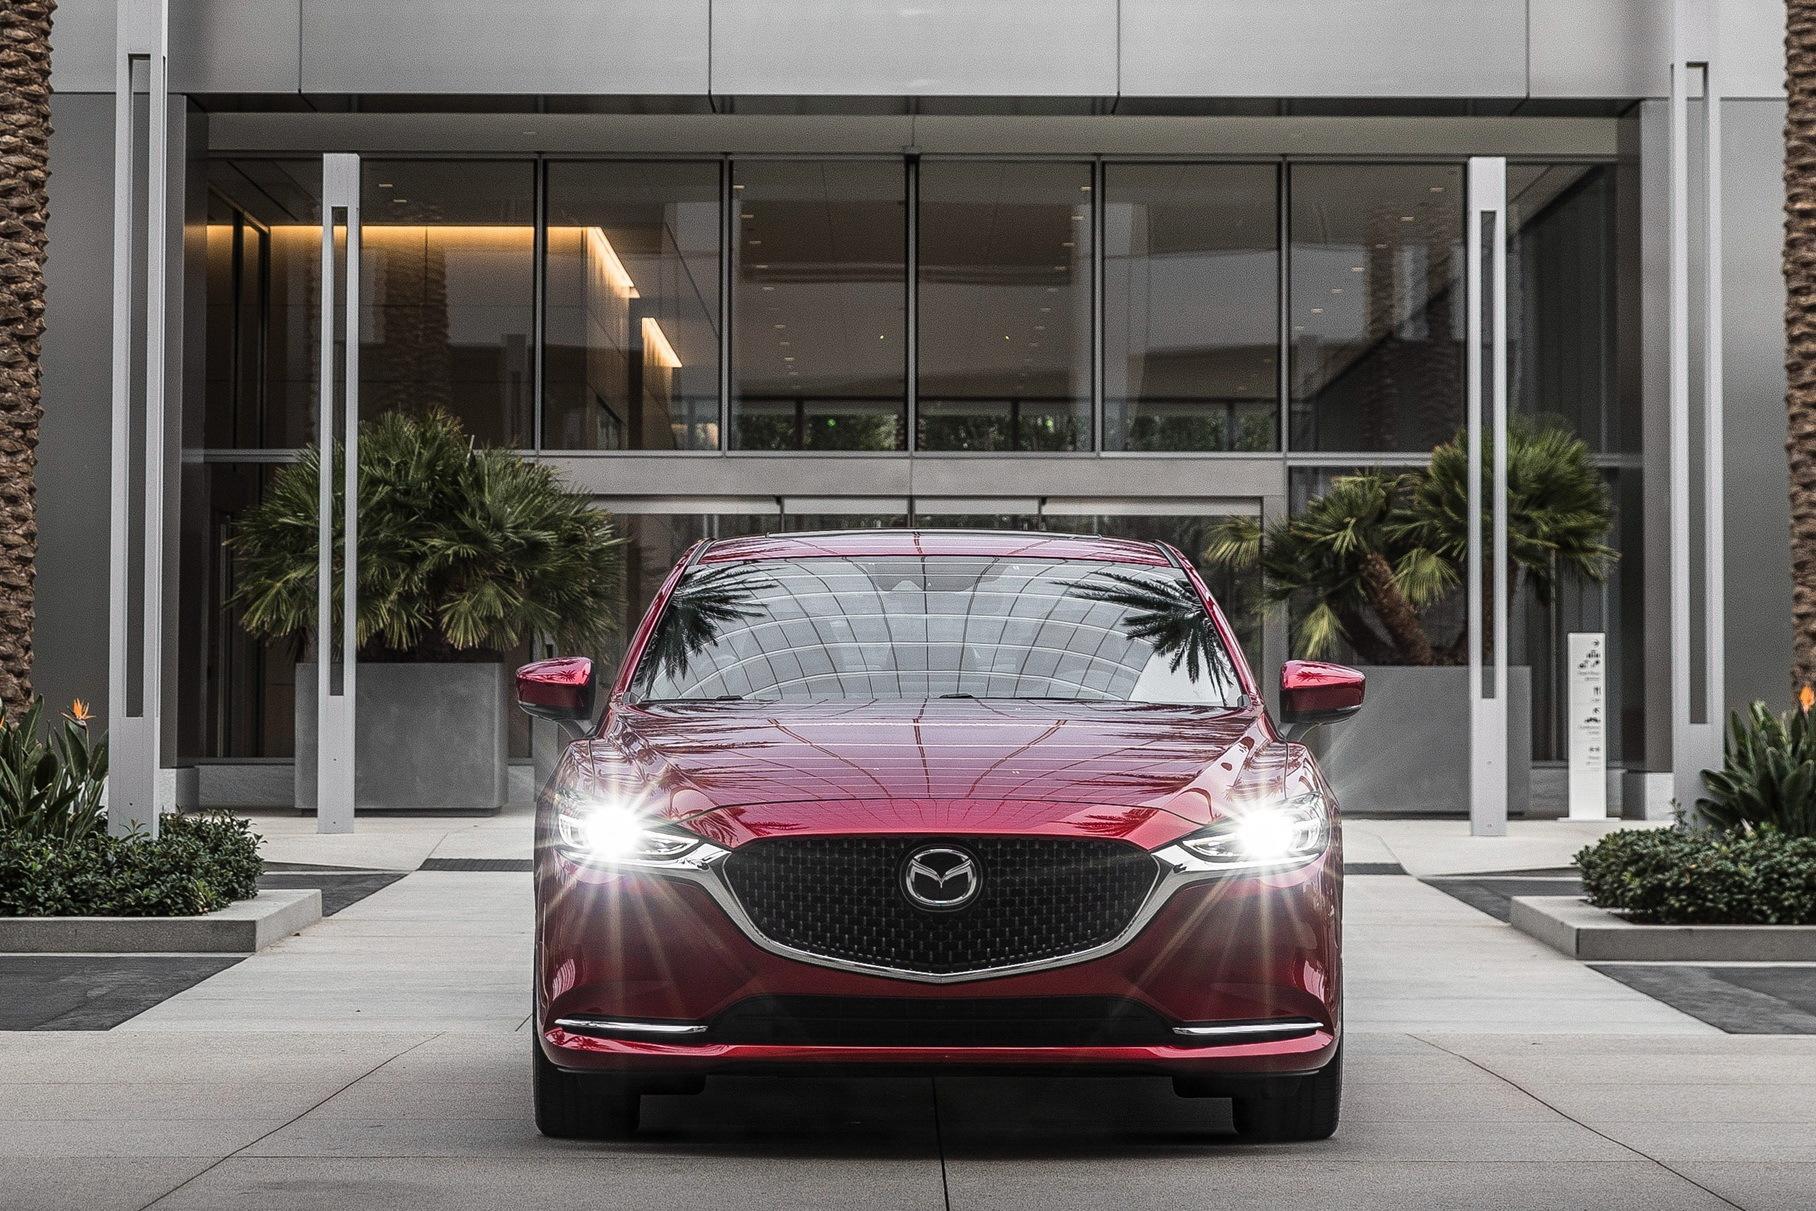 На сайте американских сертификационных органов обнаружились документы, подтверждающие скорый выход Mazda6 с битурбодизелем объемом 2,2 литра. Вероятно, речь идет об агрегате от Mazda CX-5 мощностью 168 л.с. и 393 Нм.